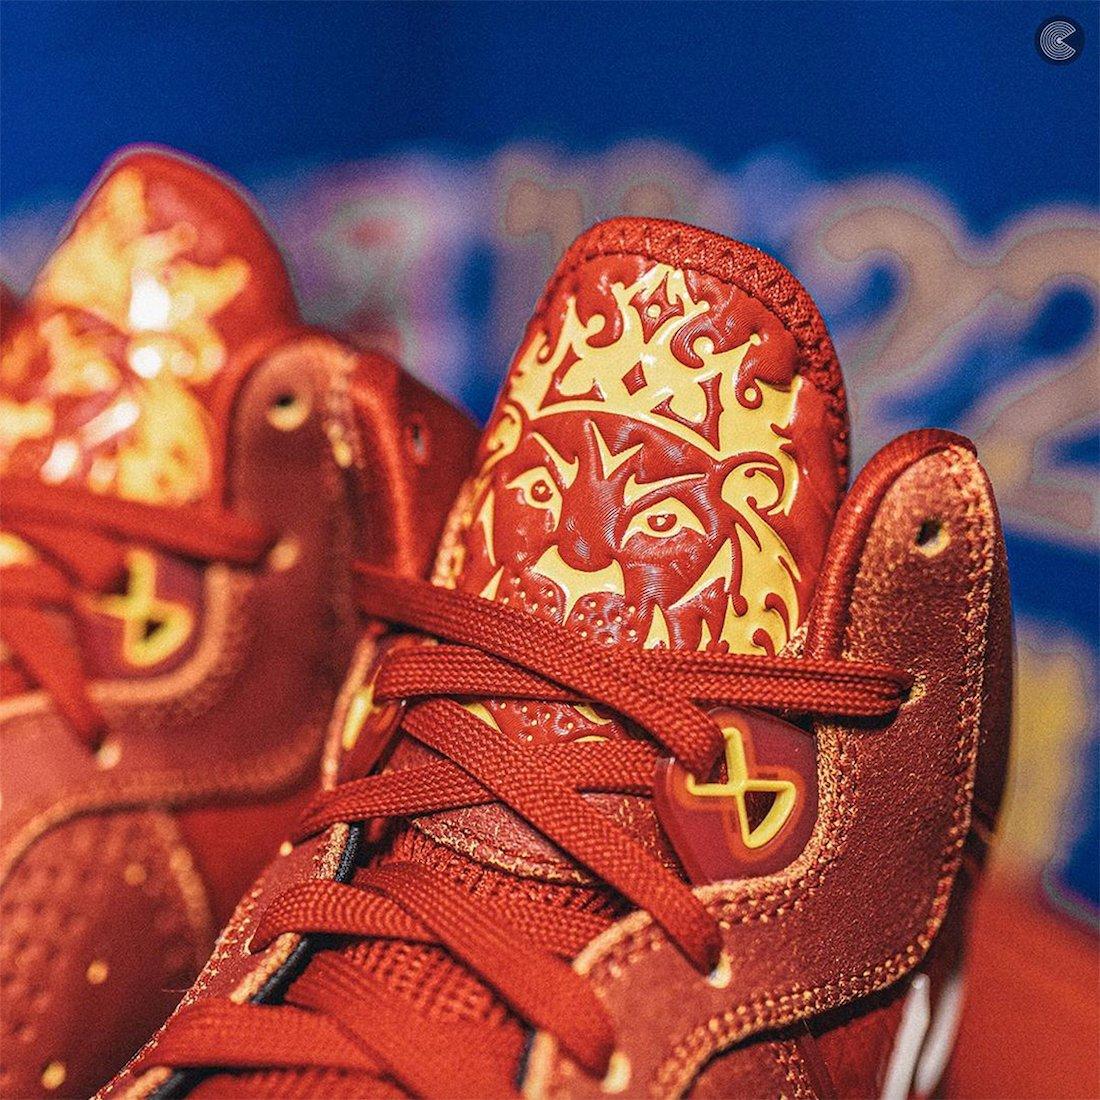 Nike LeBron 8 18 Beijing Pack Release Date Info